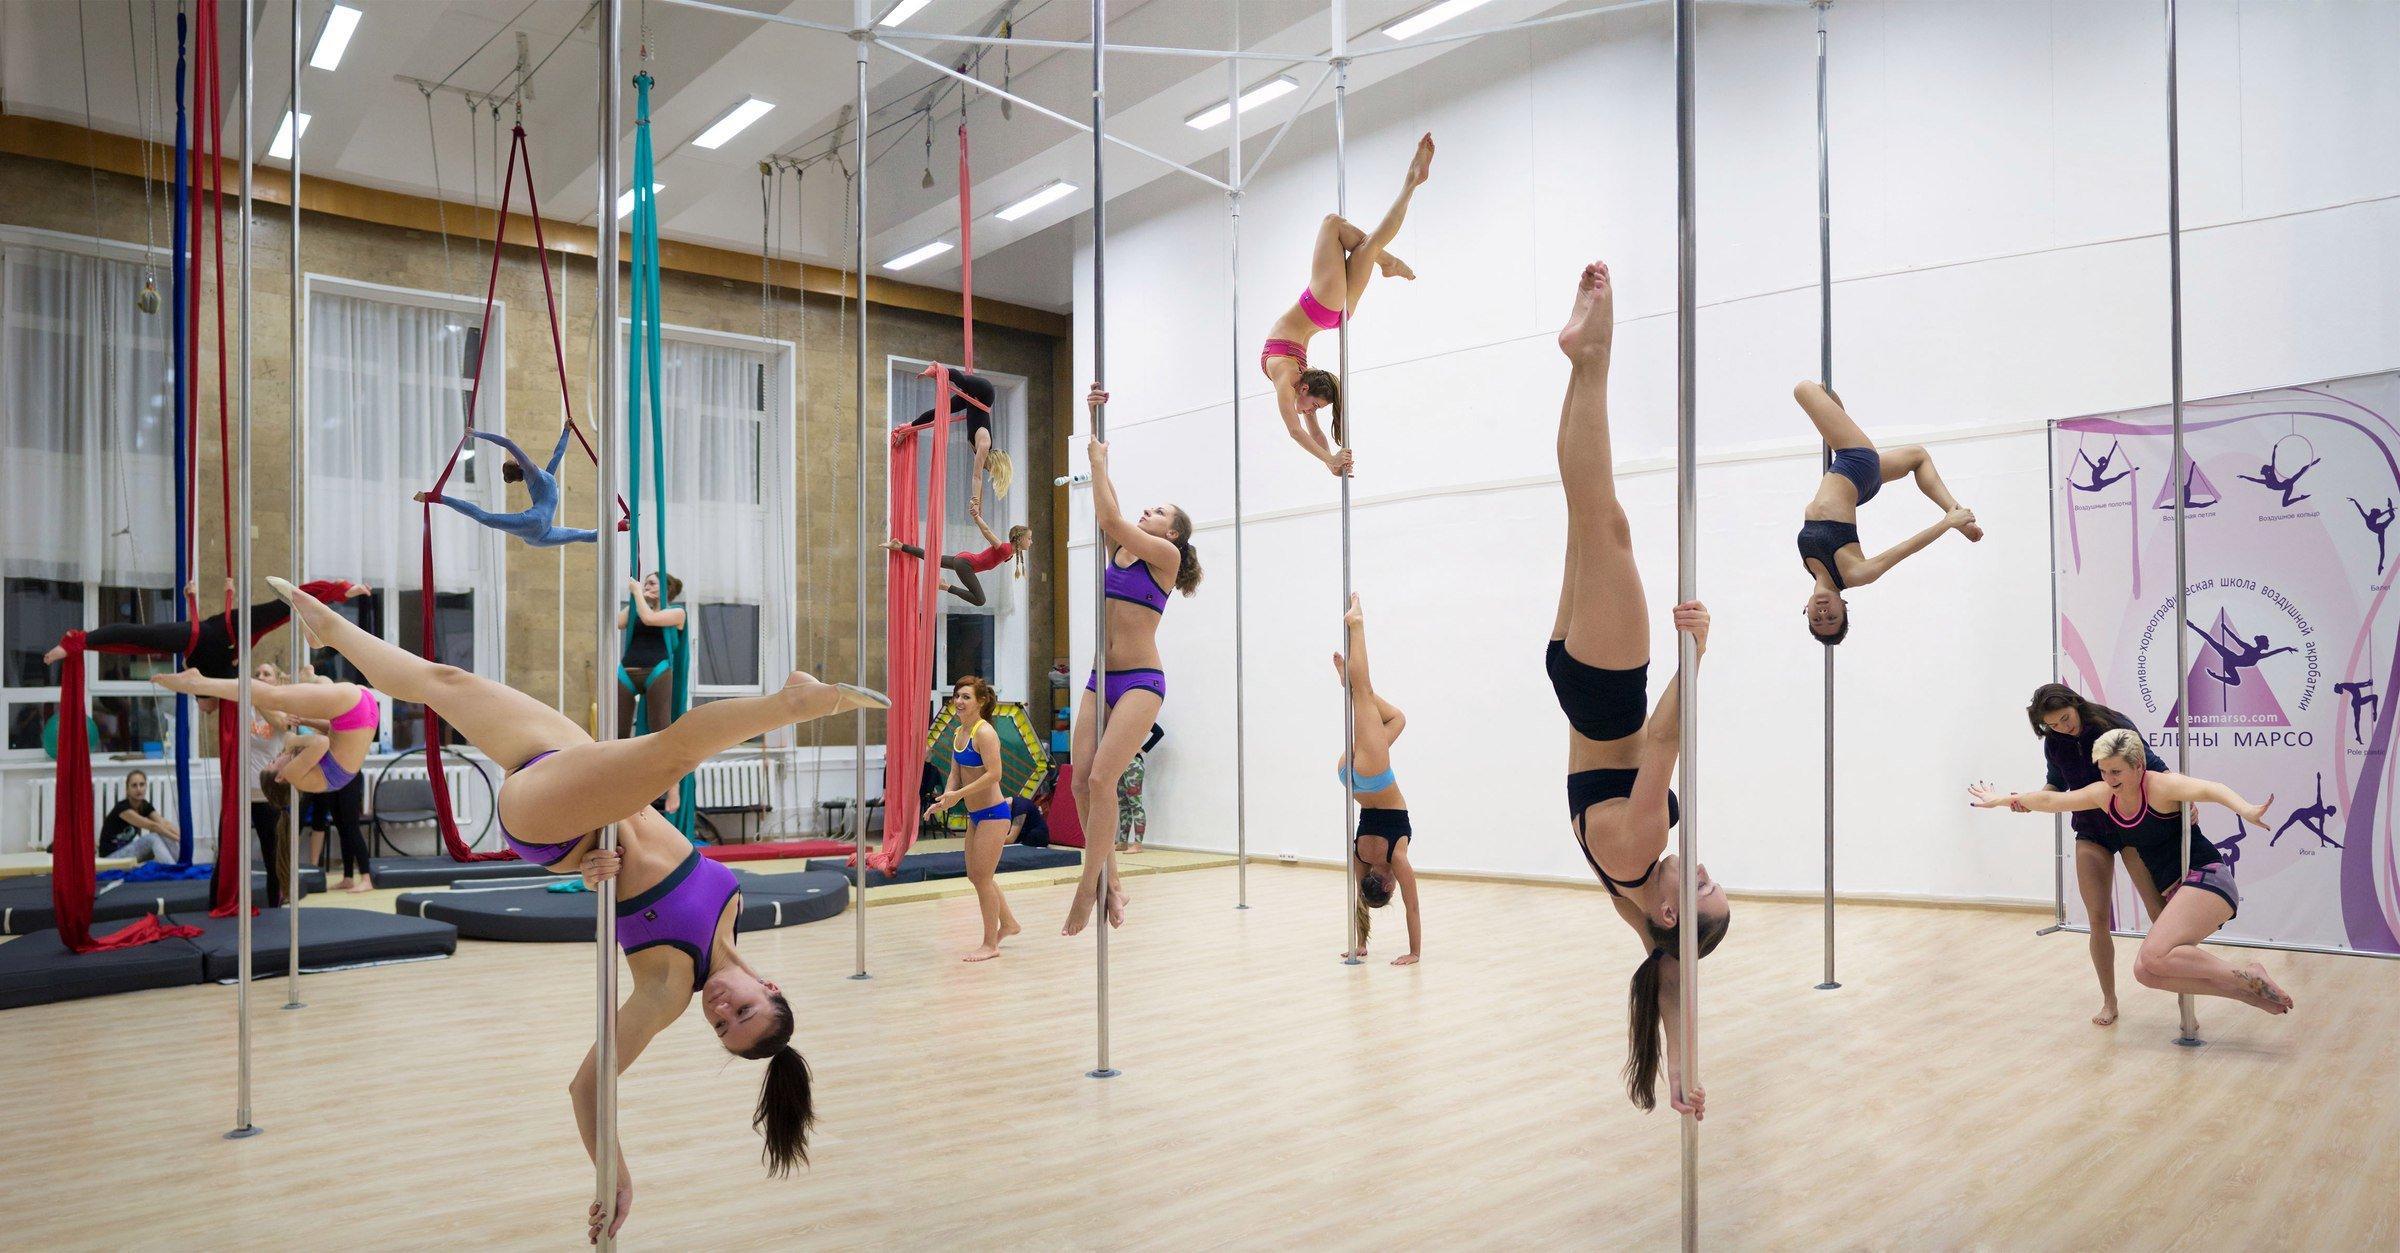 фотография Спортивно-хореографическая школа воздушной акробатики Елены Марсо на метро Новослободская